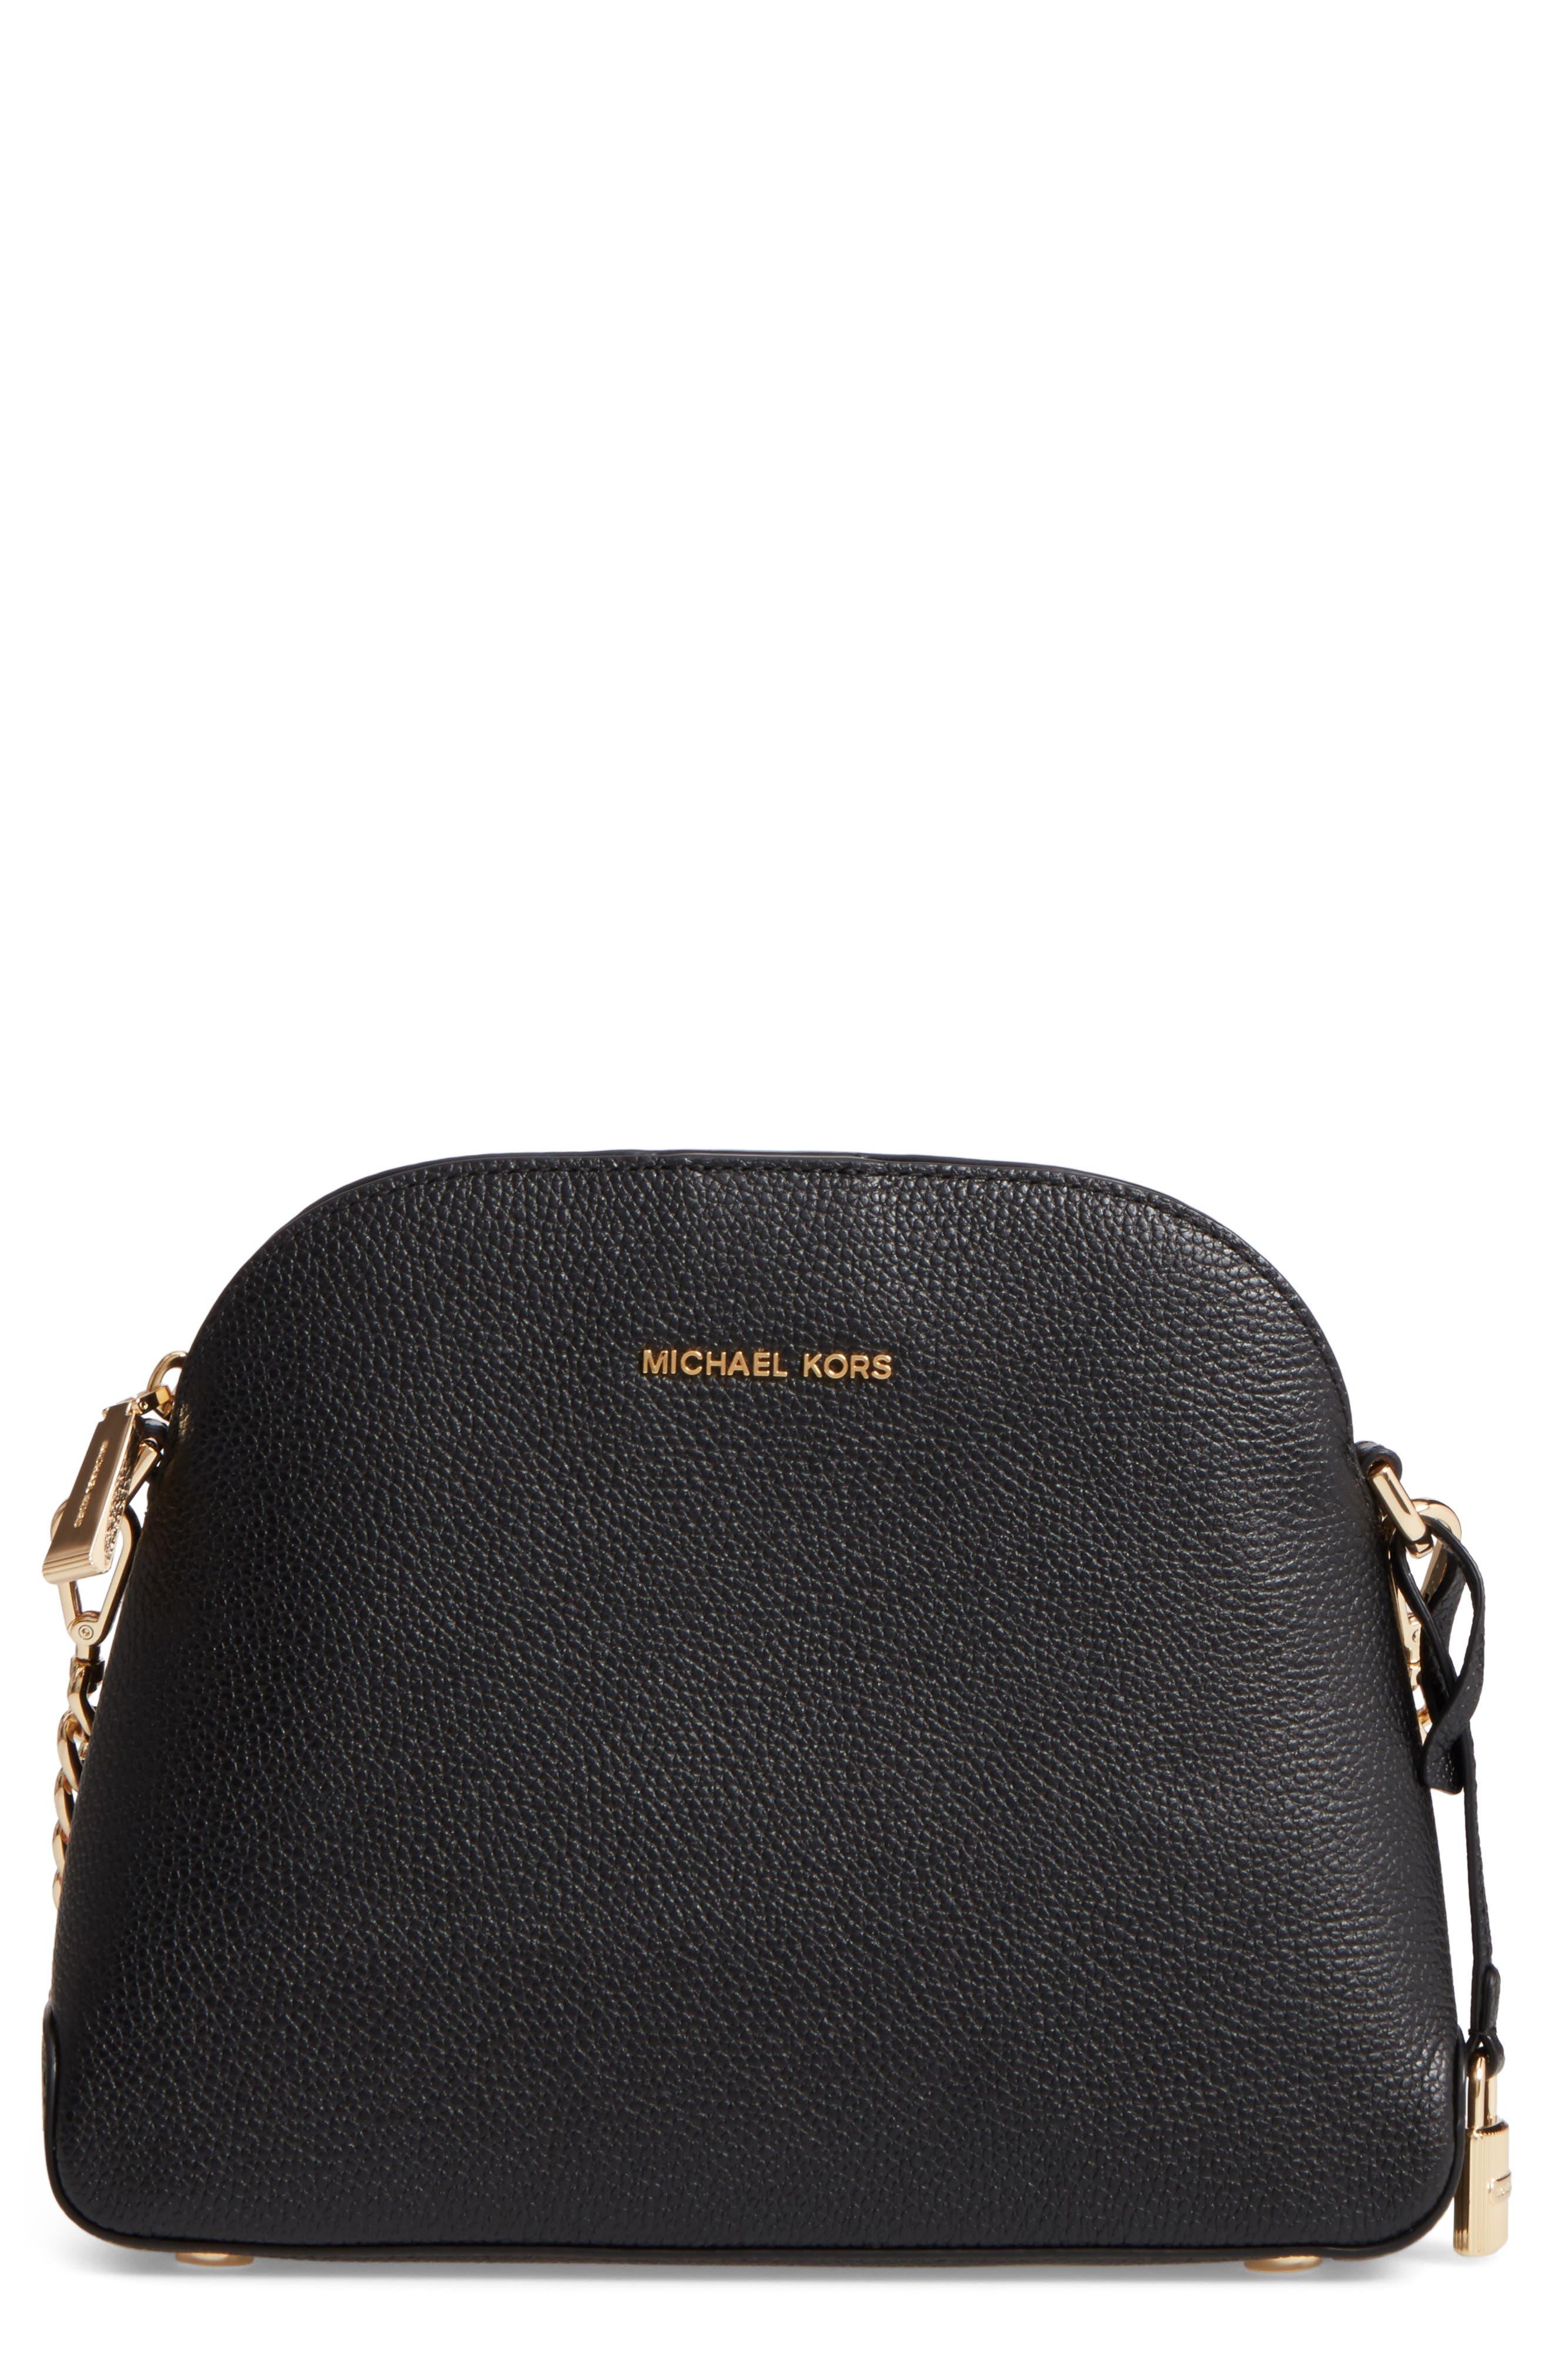 b36614fccaf2 Buy black michael kors shoulder bag   OFF69% Discounted